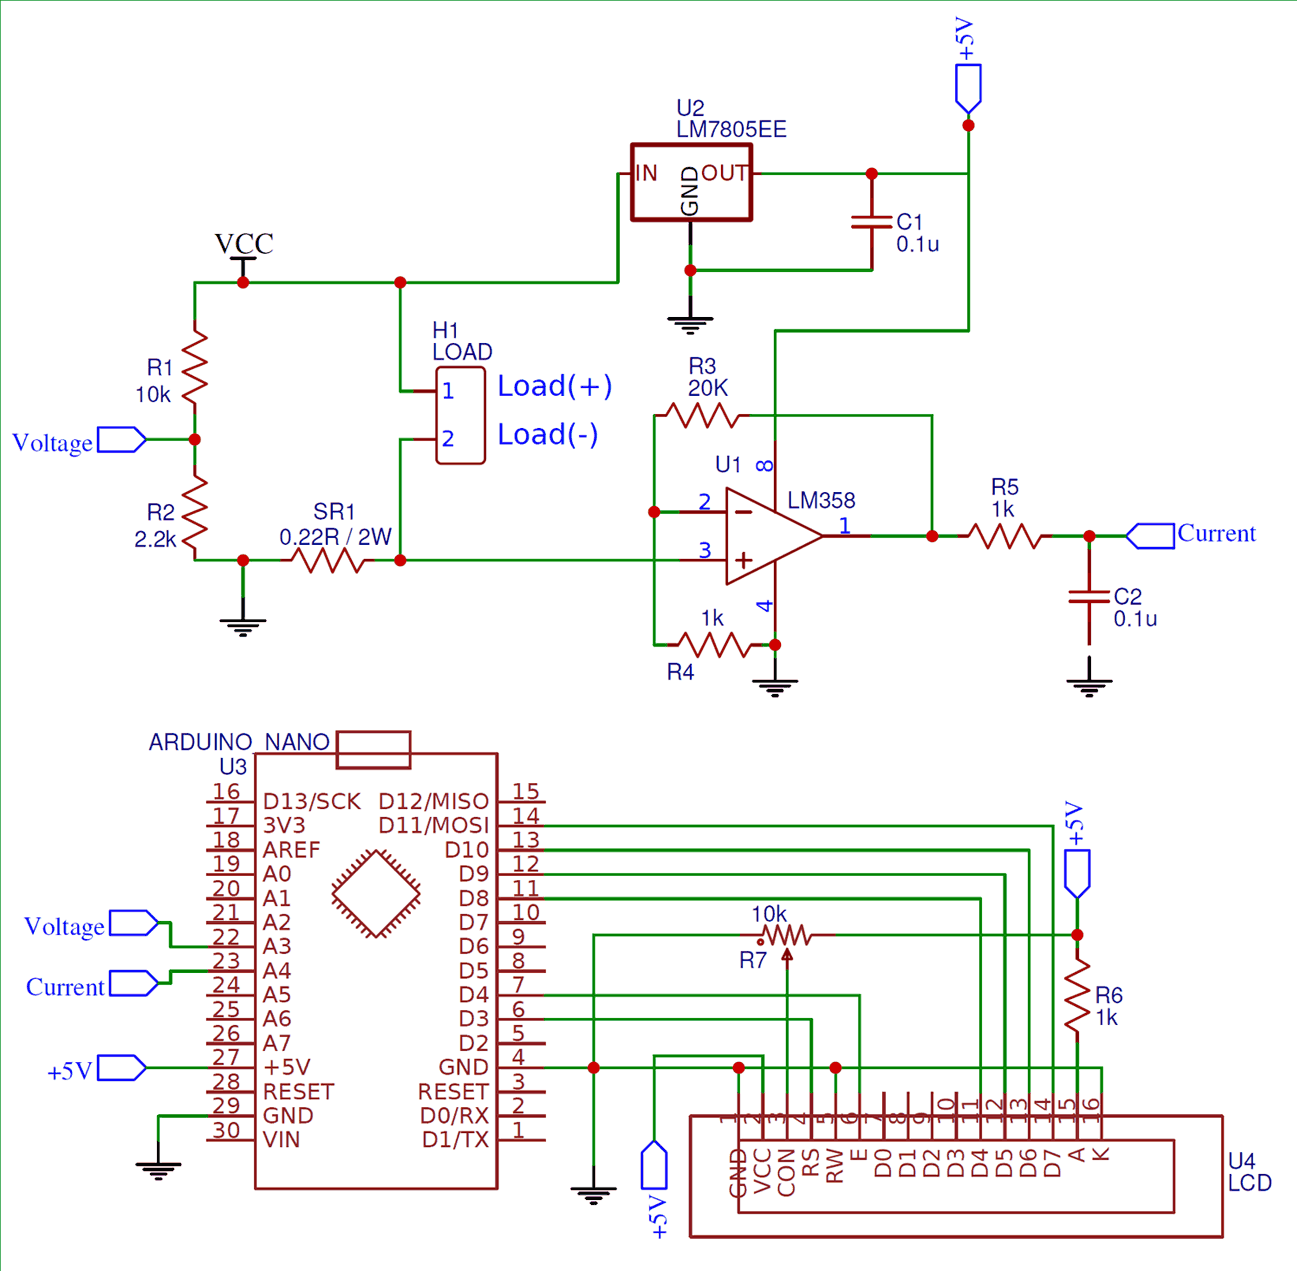 Схема ваттметра на основе платы Arduino